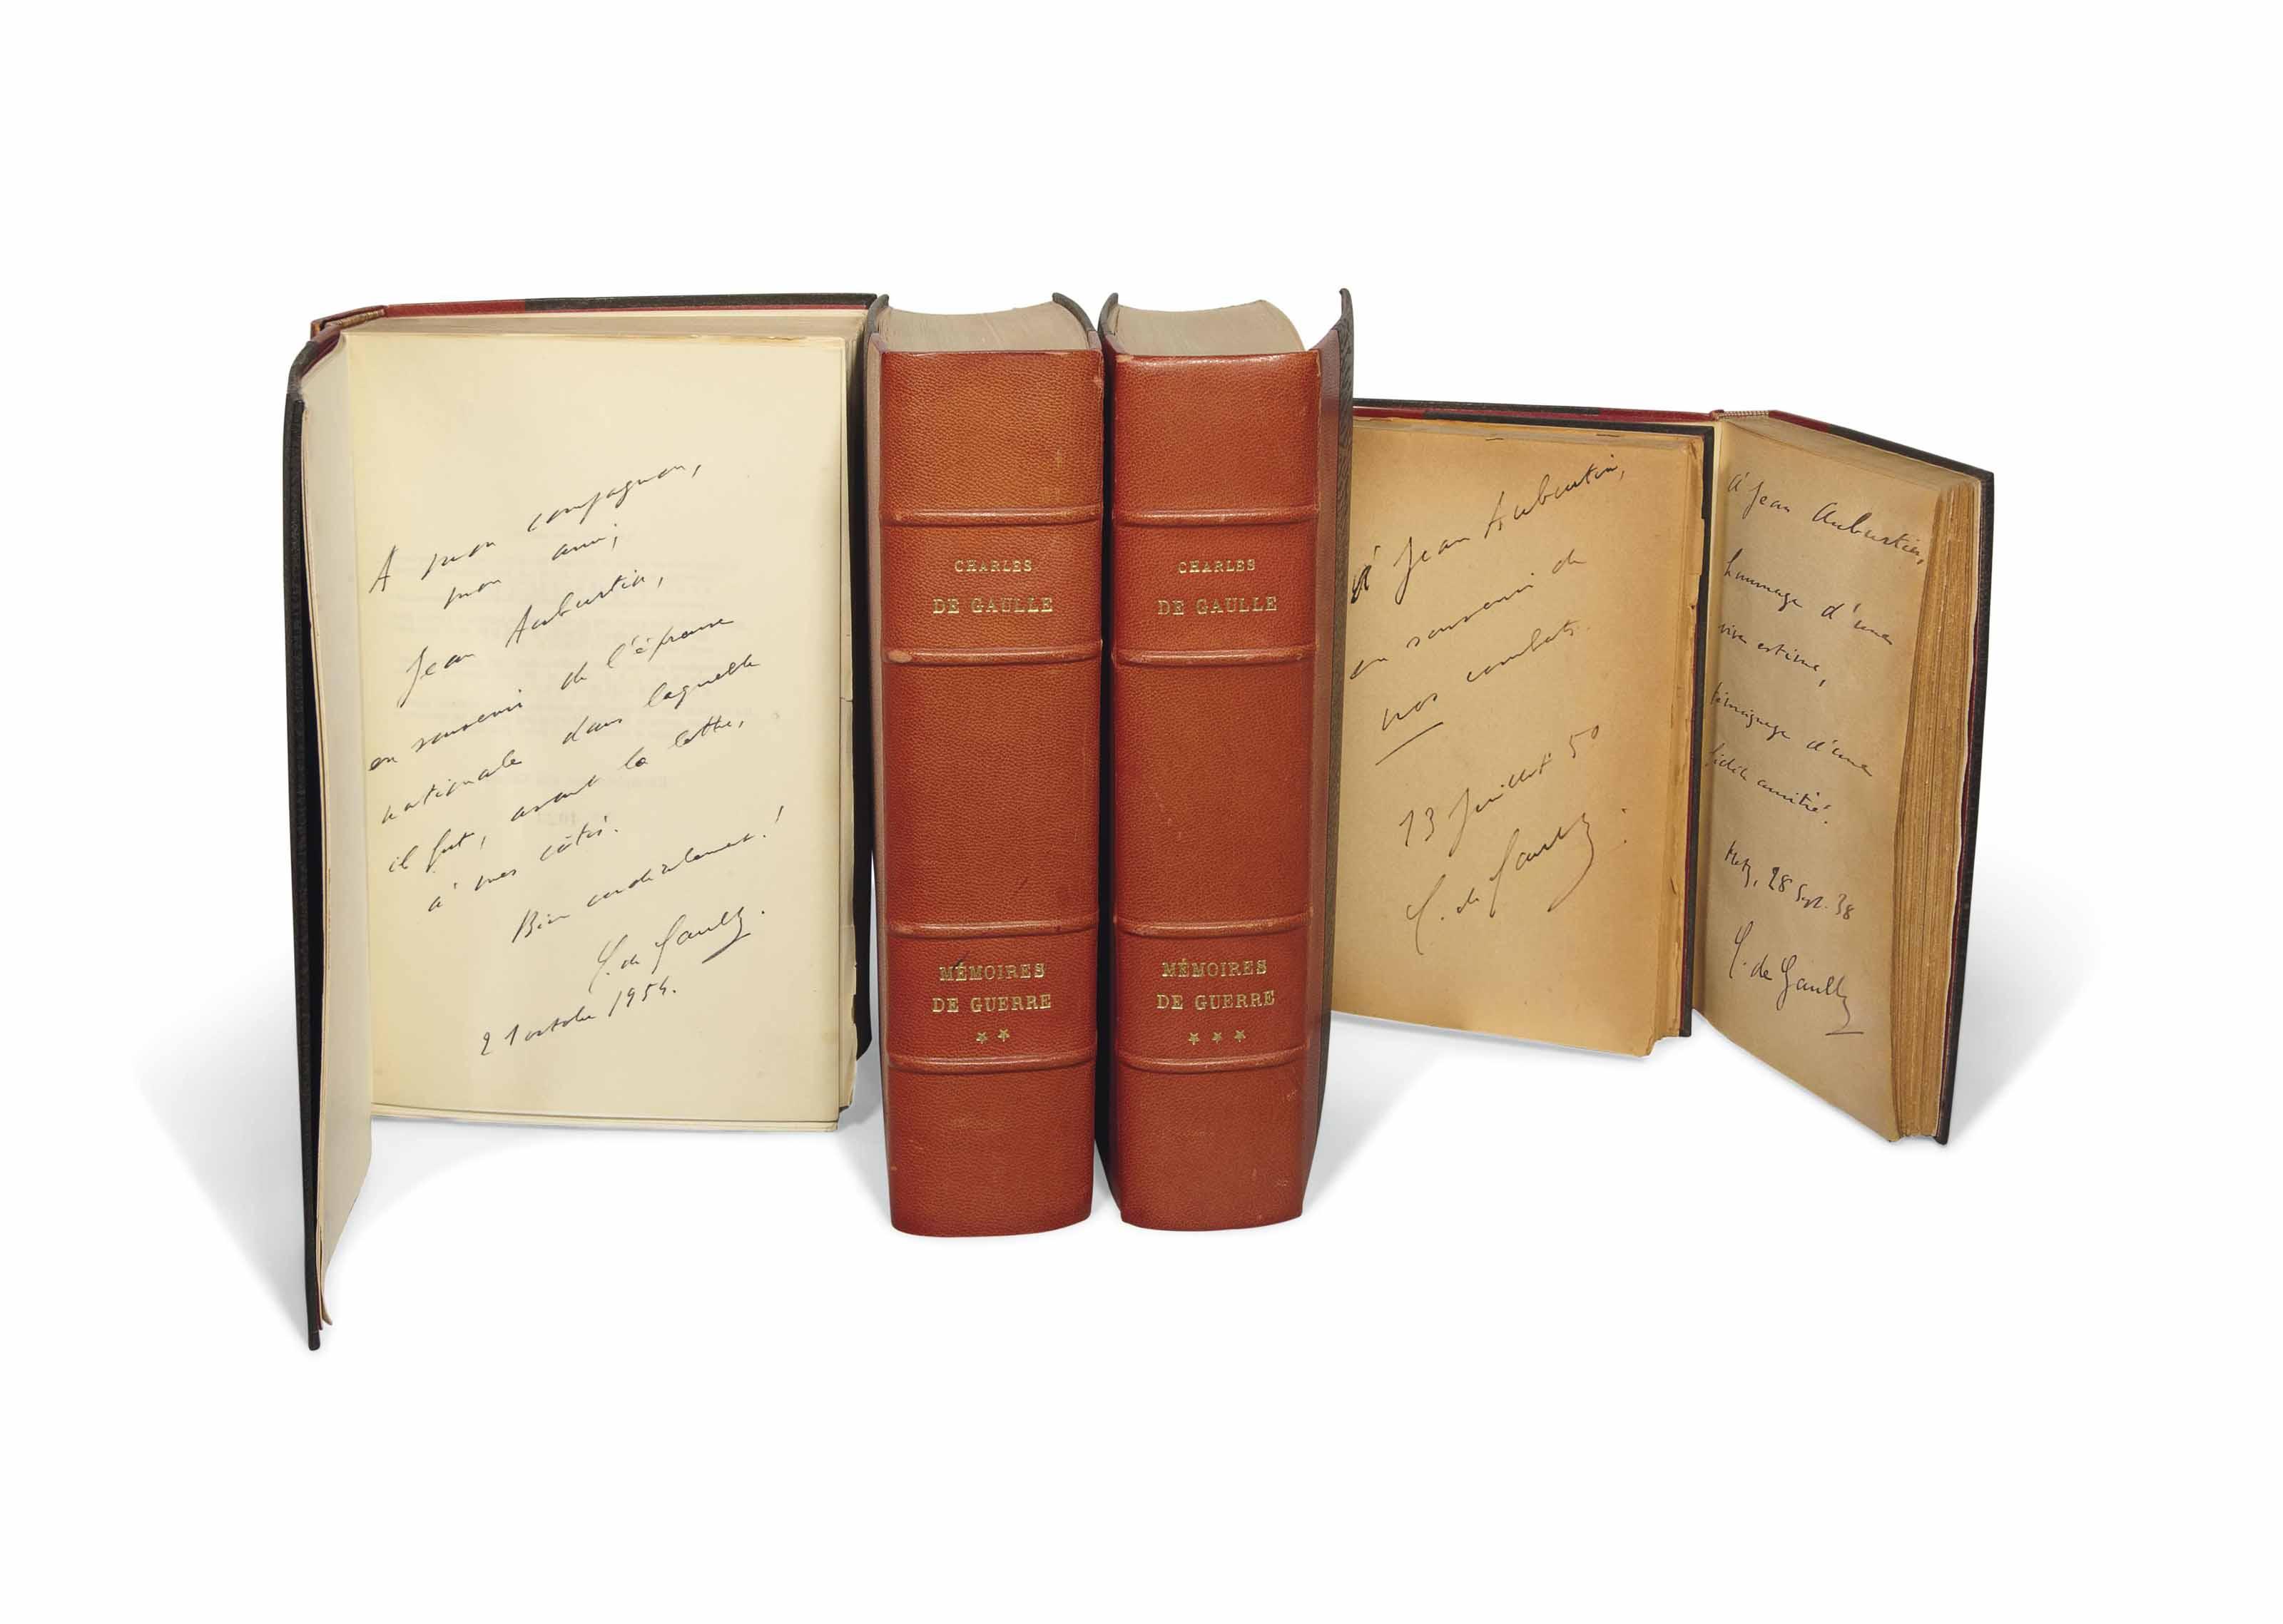 Charles de GAULLE (1890-1970). Mémoires de guerre. Paris : Plon, 5 octobre 1954-25 septembre 1959. 3 volumes in-8 (222 x 138 mm). 3 cartes dépliantes. Demi-chagrin rouge, dos à nerfs, têtes dorées, couvertures et dos.